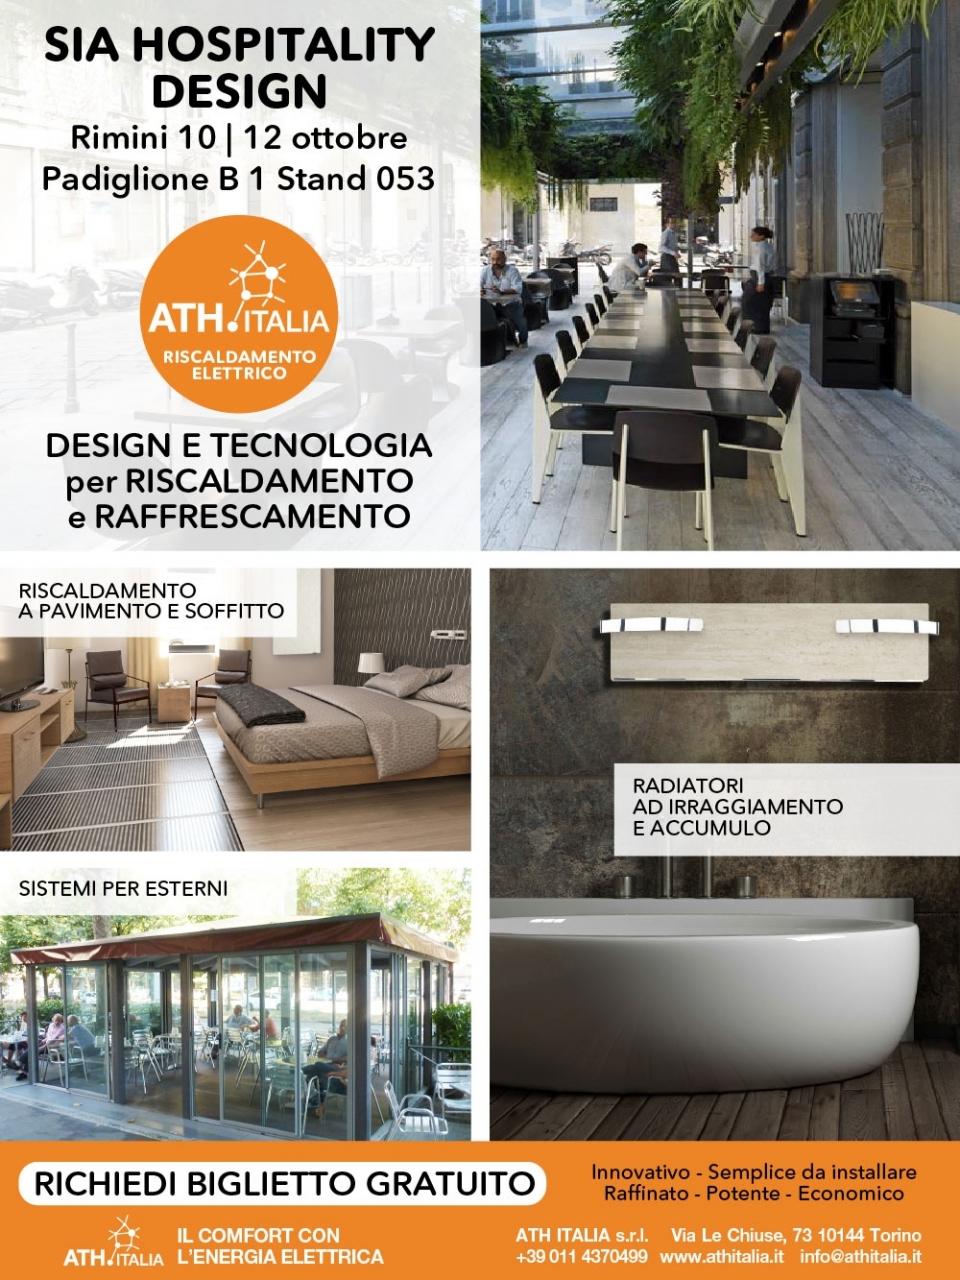 athtialia-a-sia-hospitality-design-2018